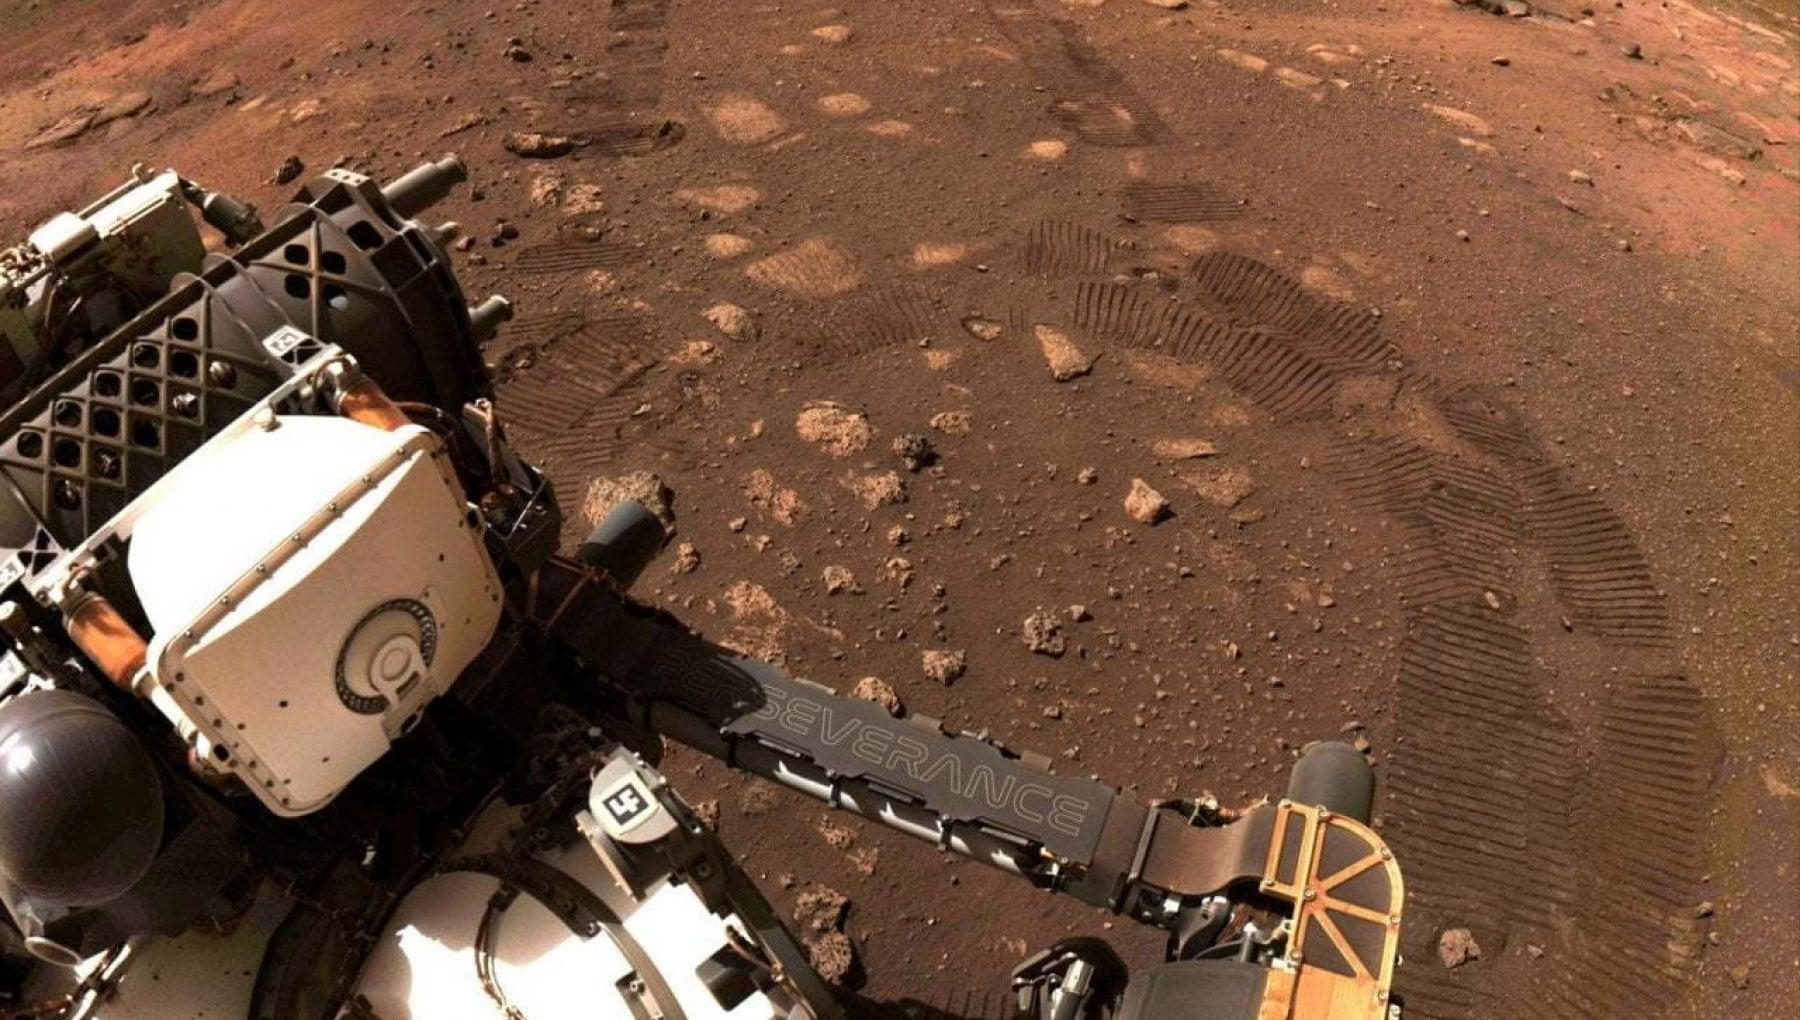 """061519826 7ec50910 6999 4d45 975a 0c366ca79a32 - Spazio, prelevato il primo campione di roccia su Marte. La Nasa: """"Risultato epocale"""""""